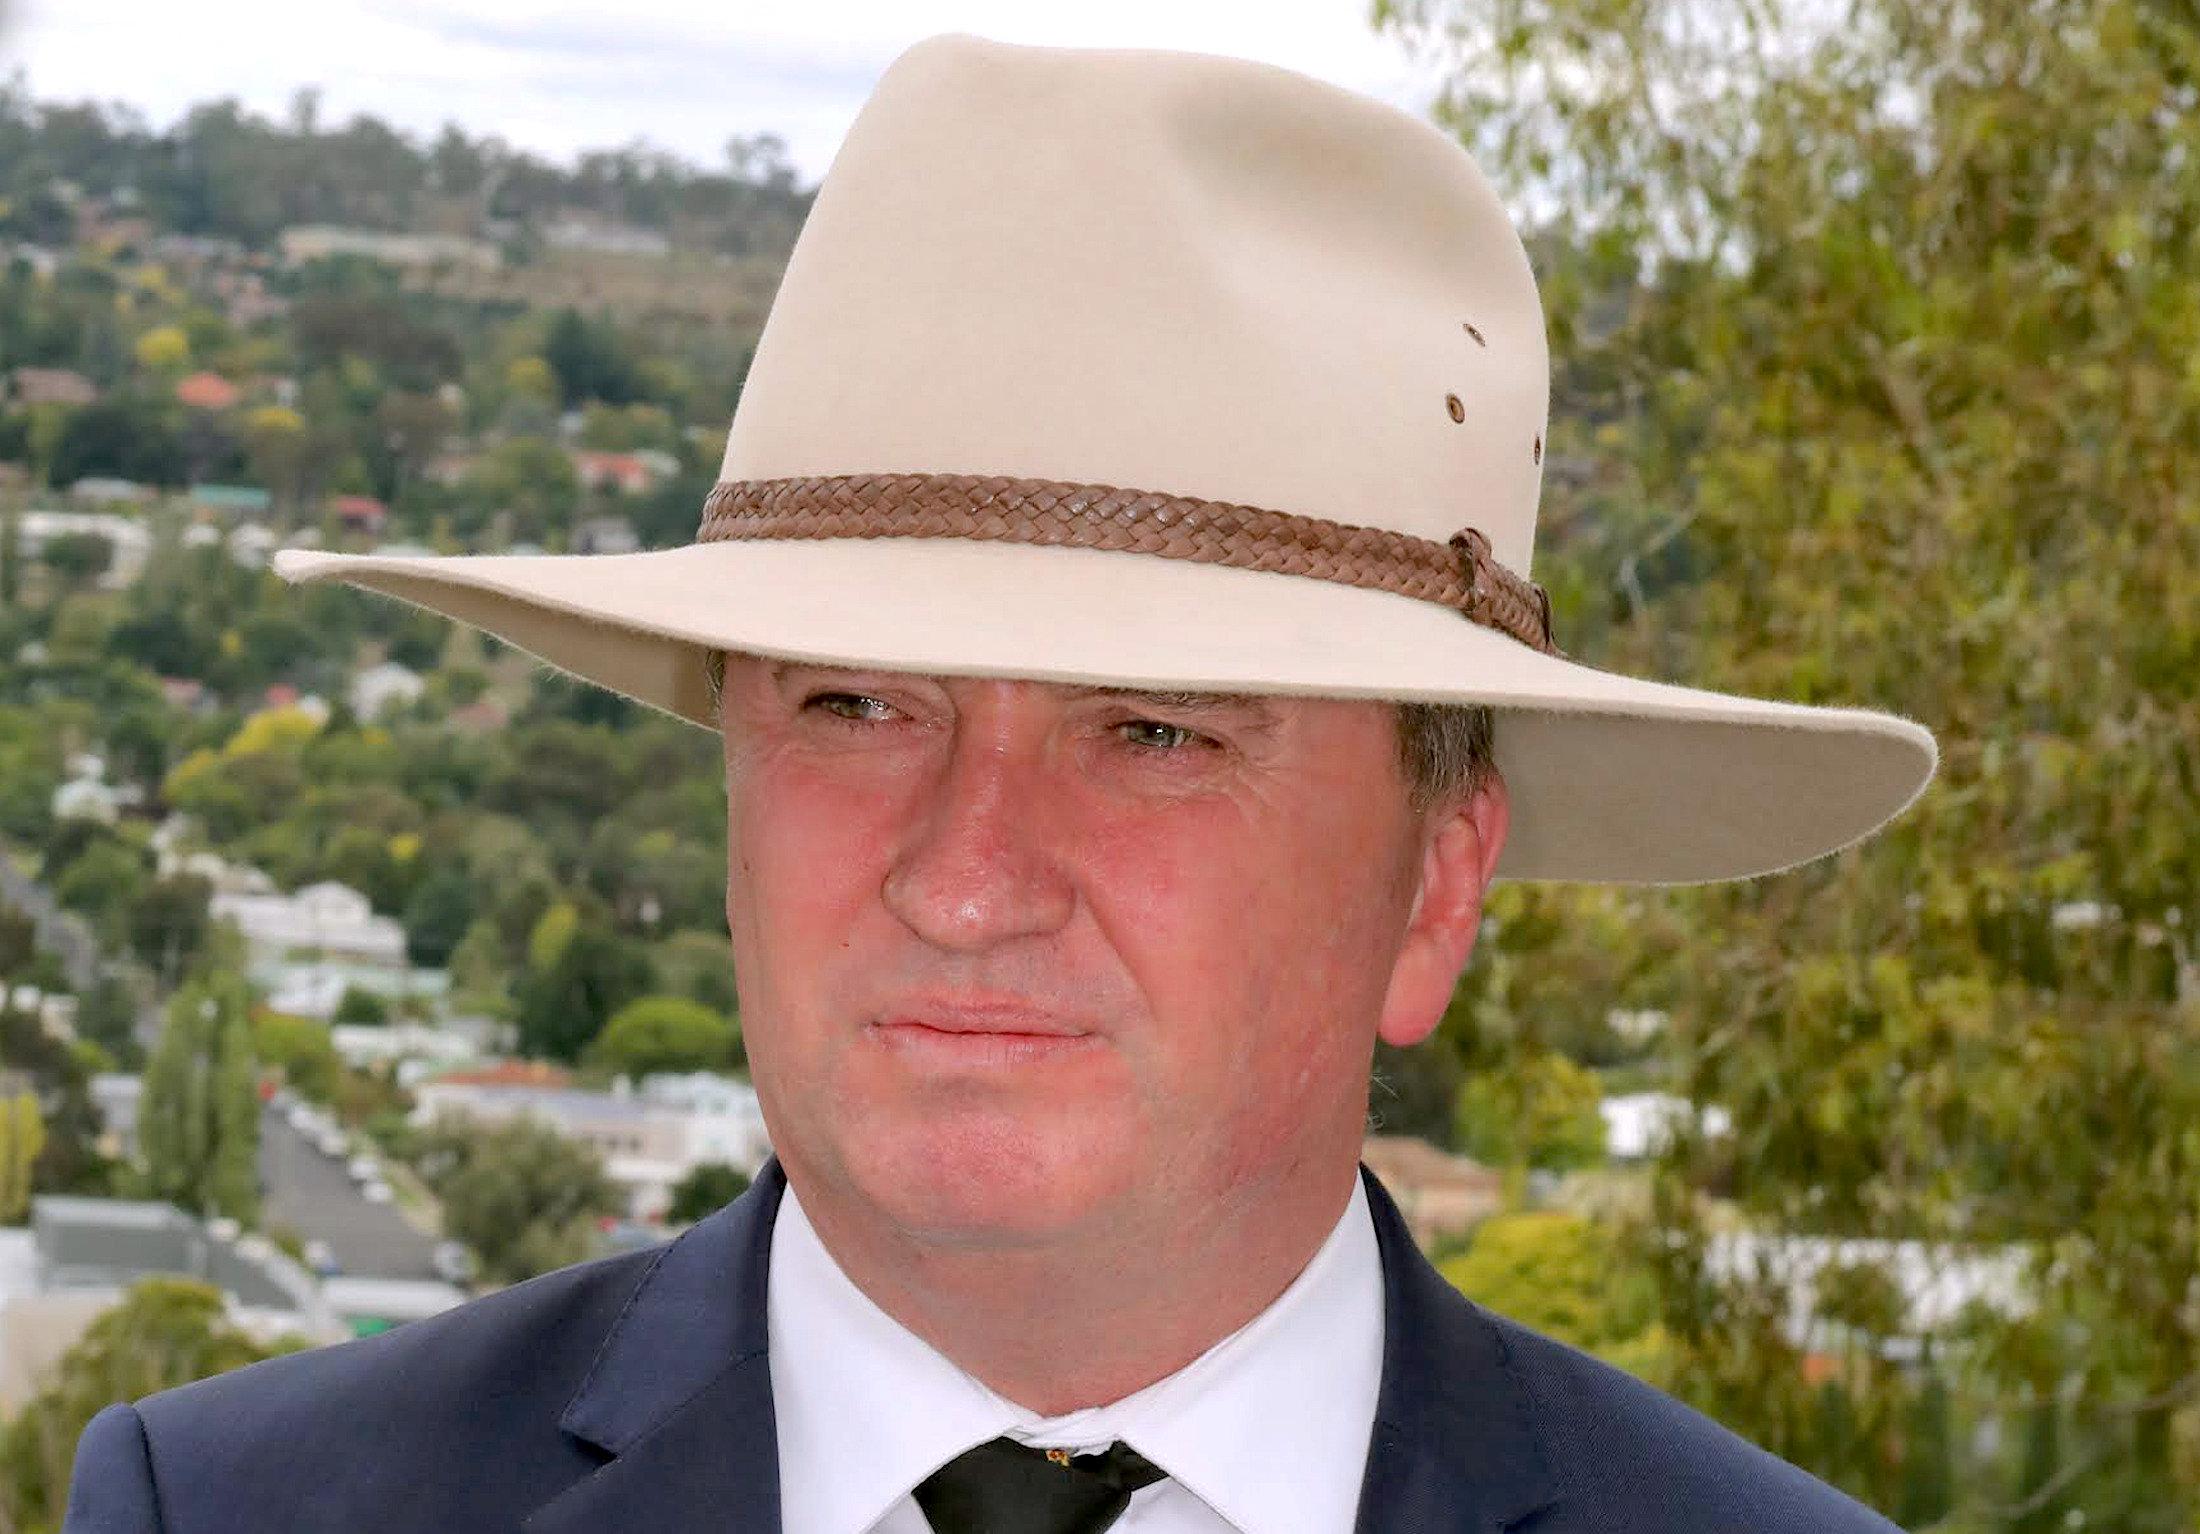 Australia: Vice primer ministro renuncia en medio de escándalo sexual